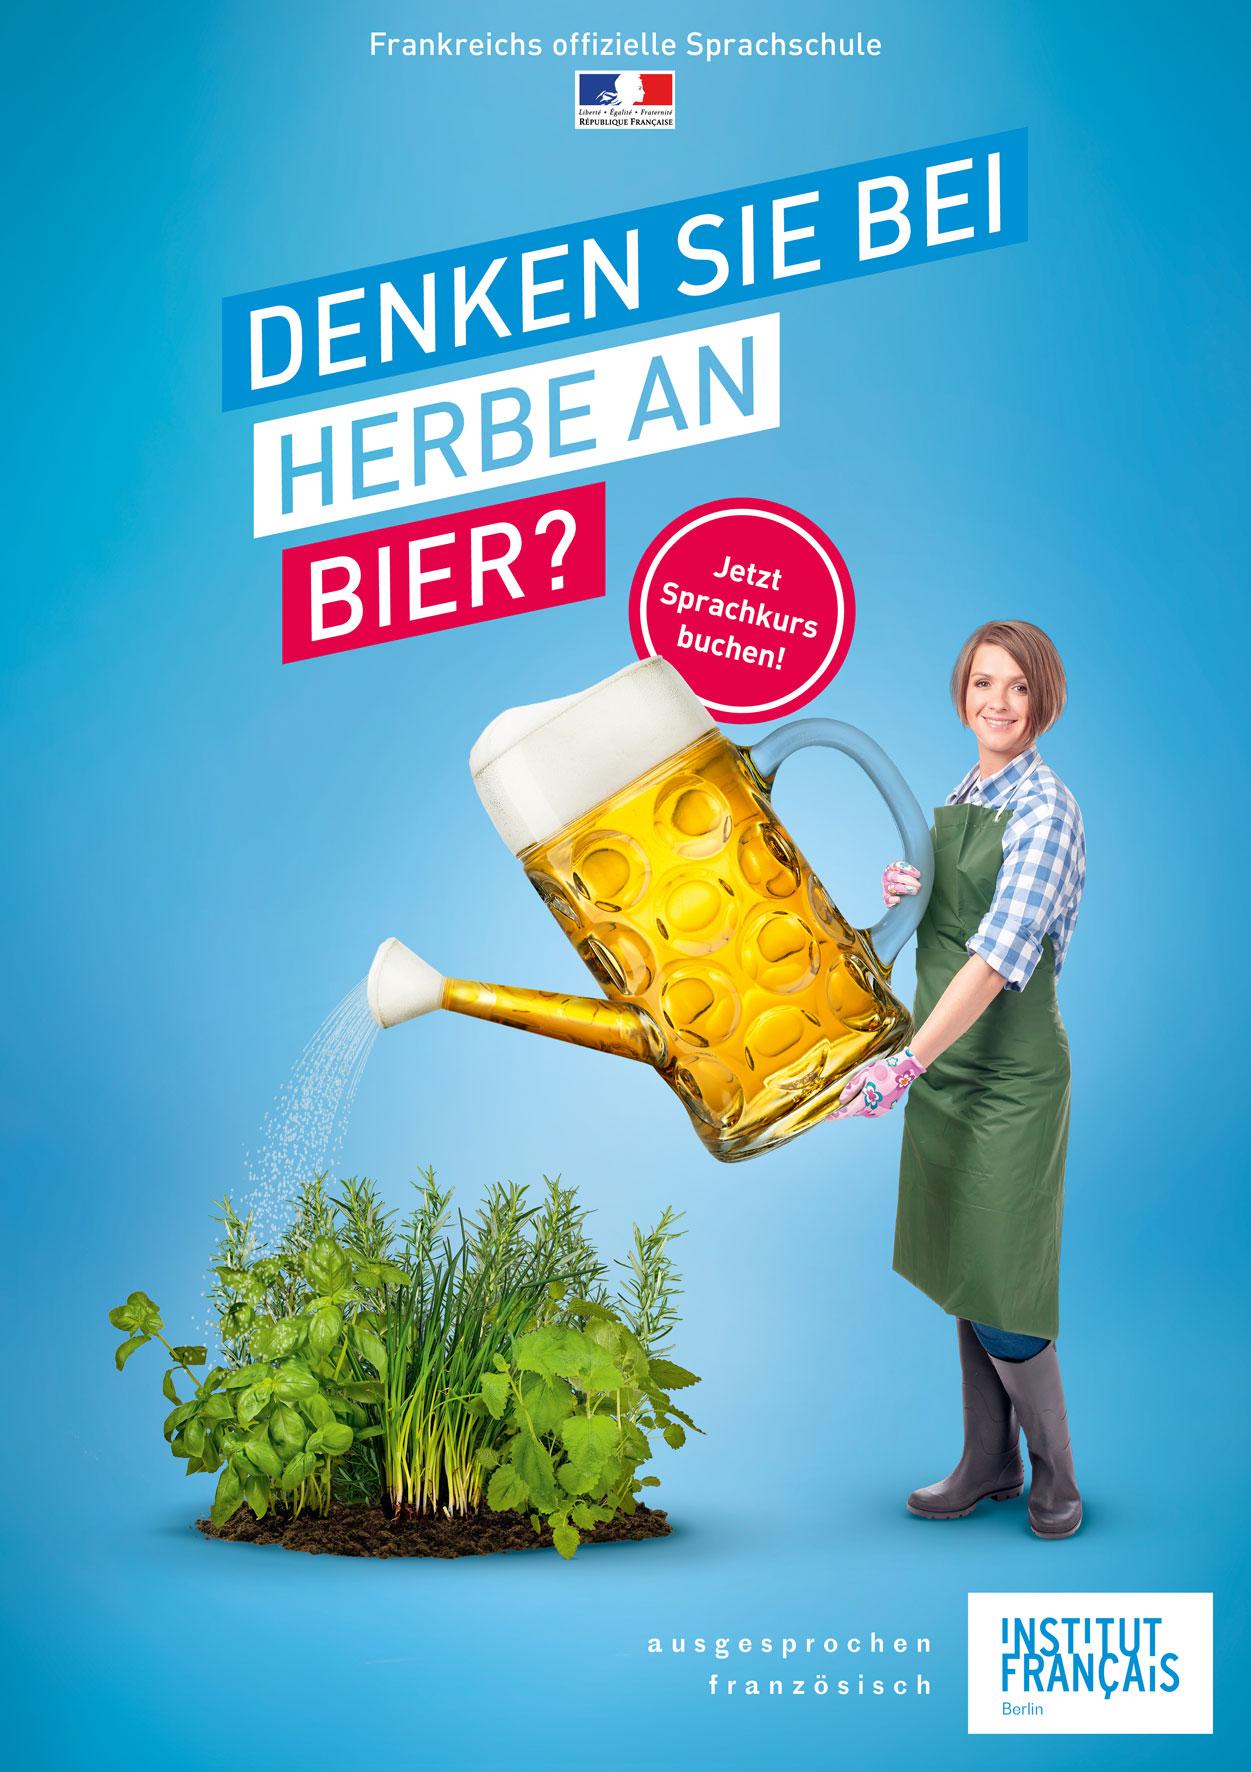 Denken Sie bei Herbe an Bier?